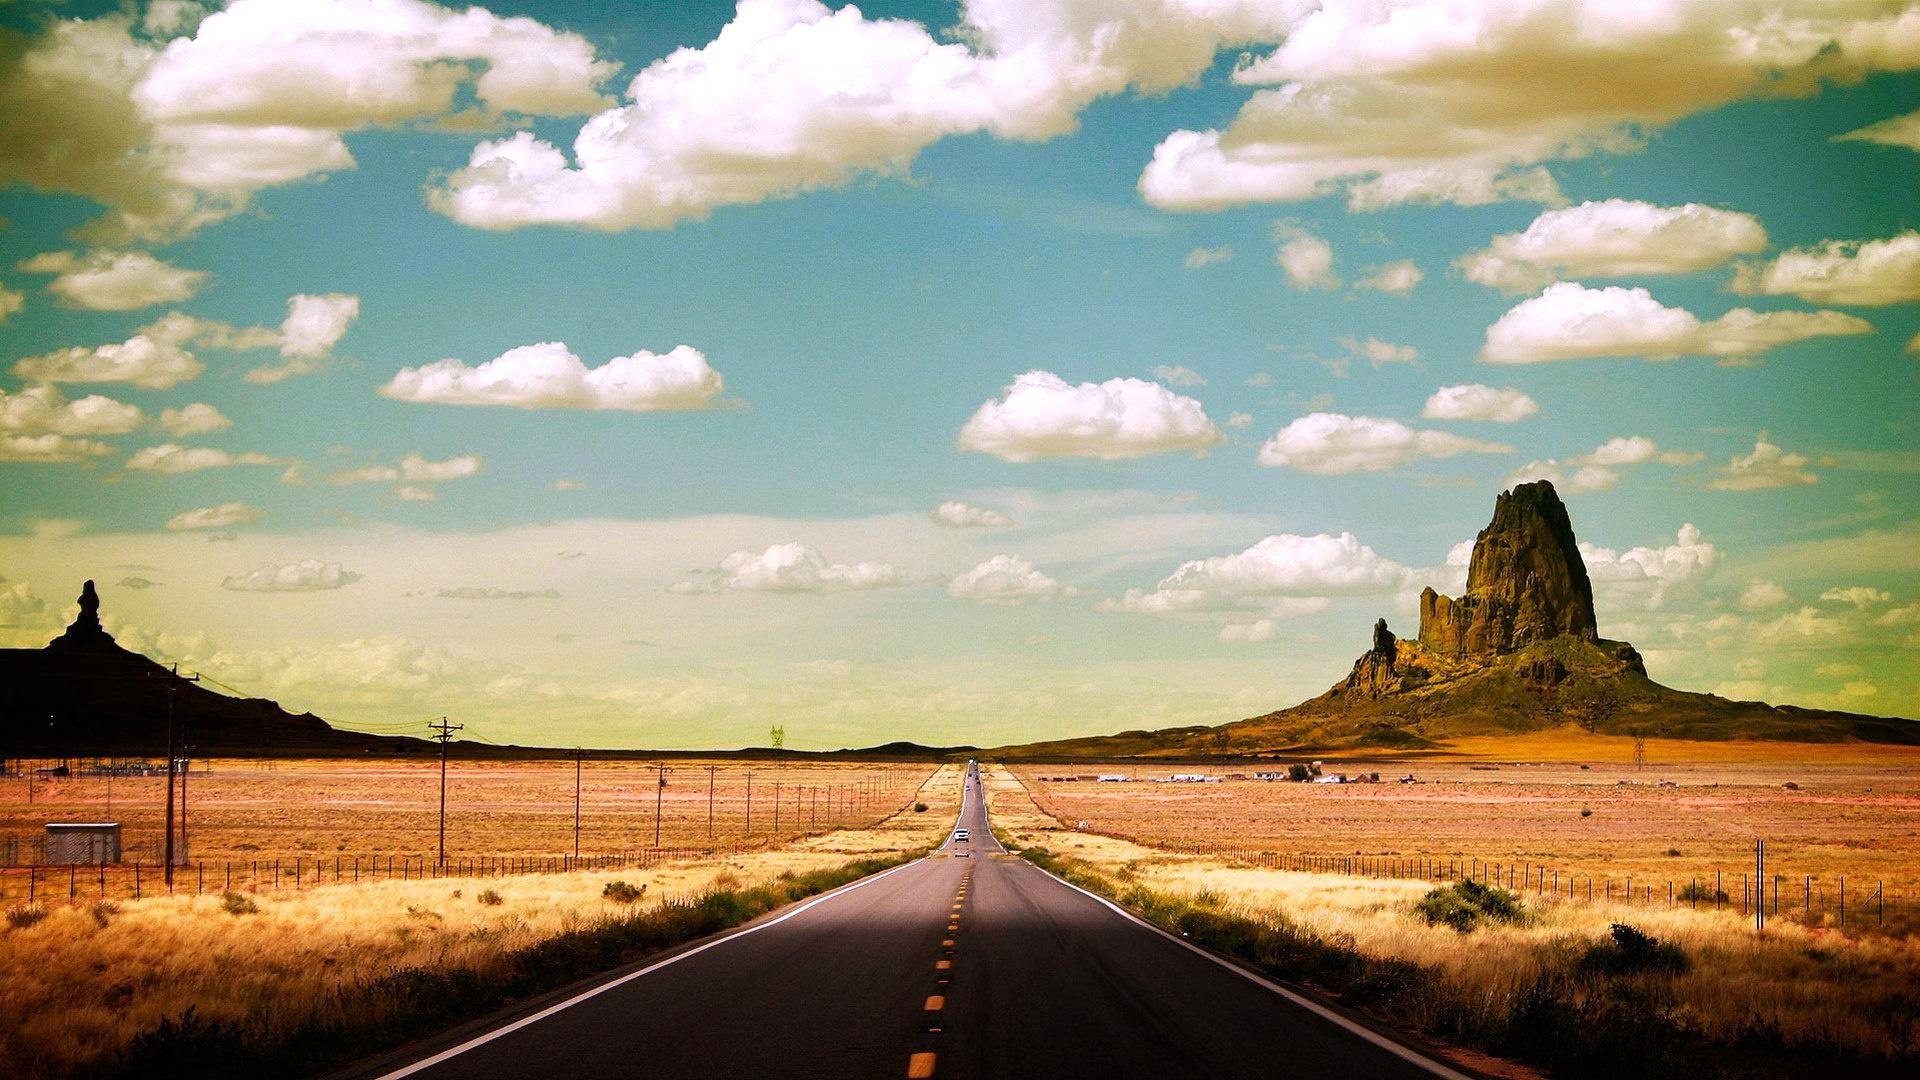 Fonds D Ecran Routes Nature Telecharger Photo